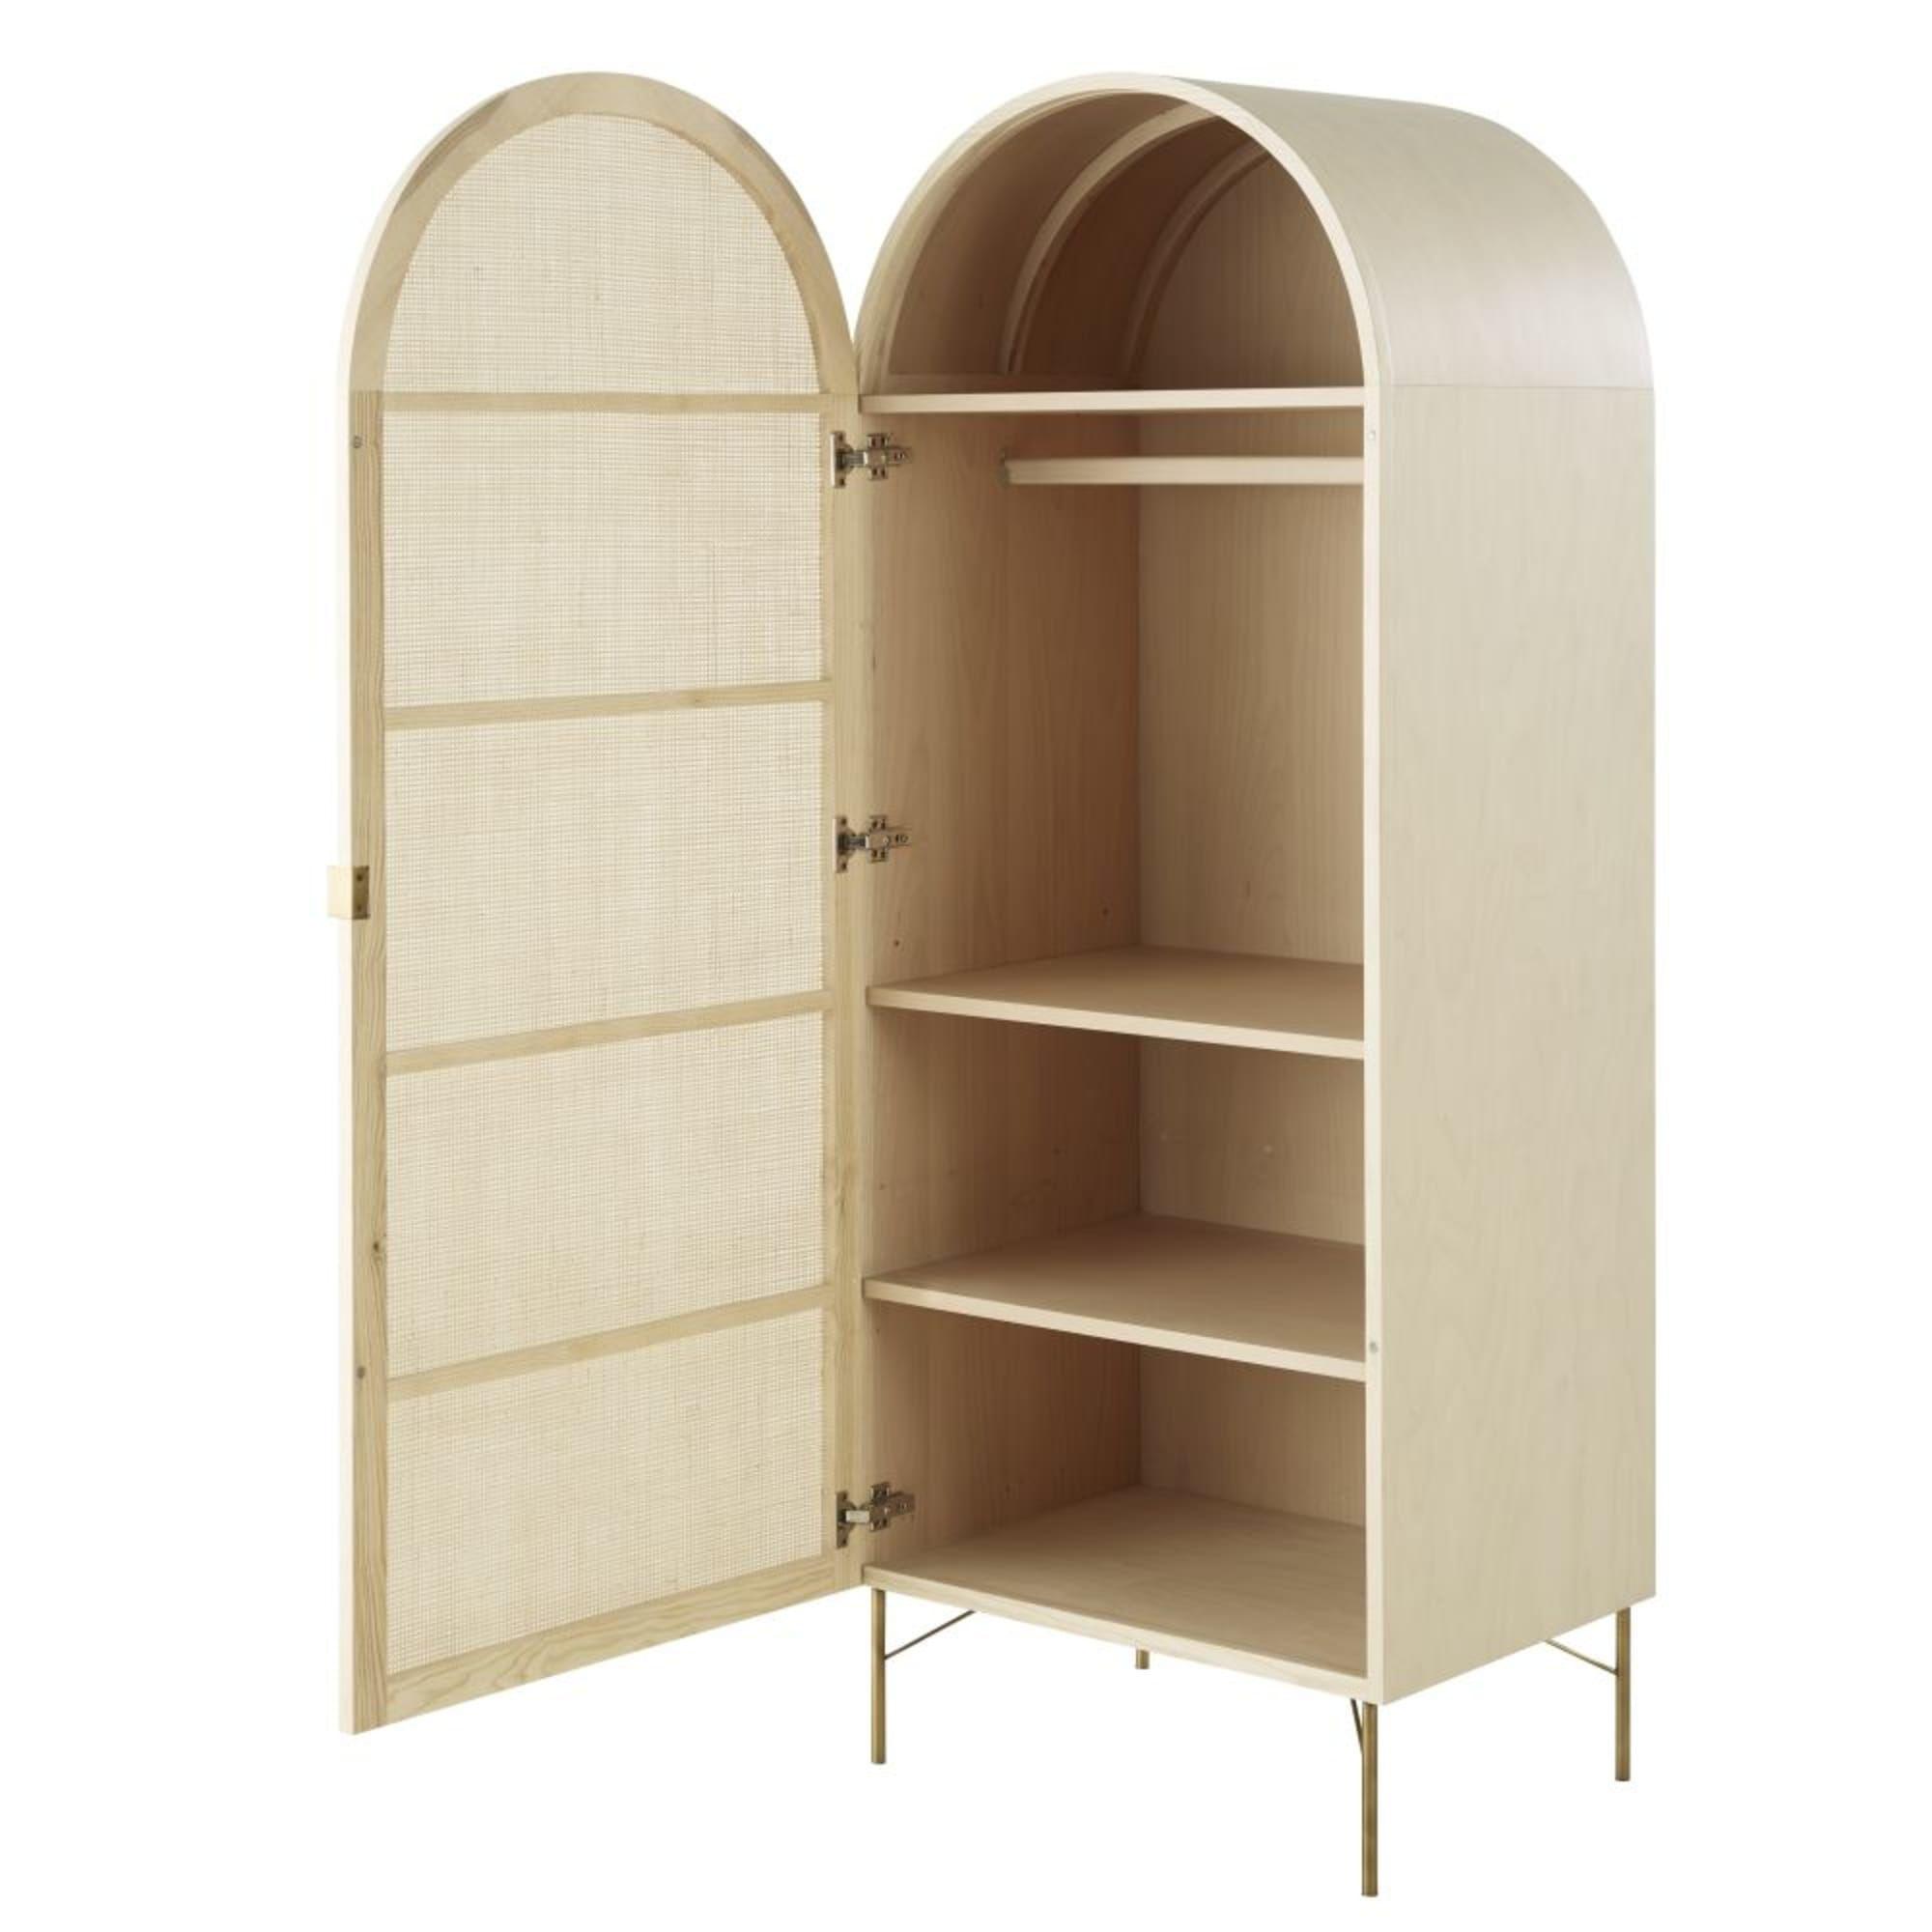 1 Door Woven Rattan Wardrobe In 2020 Rattan Furniture Home